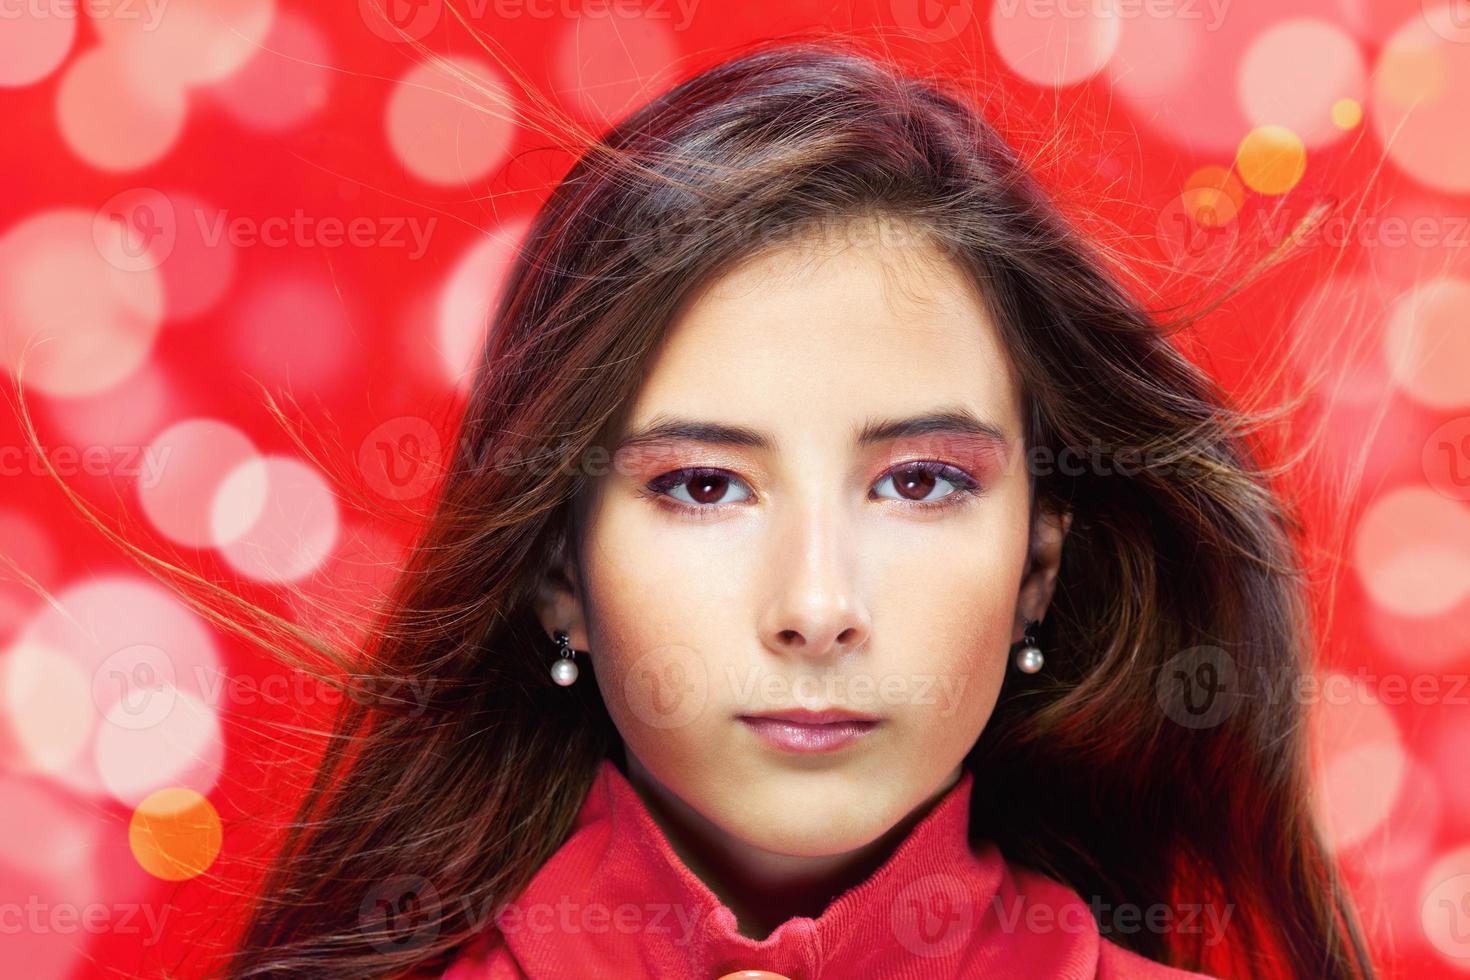 mode porträtt av vacker flicka långt brunt hår foto